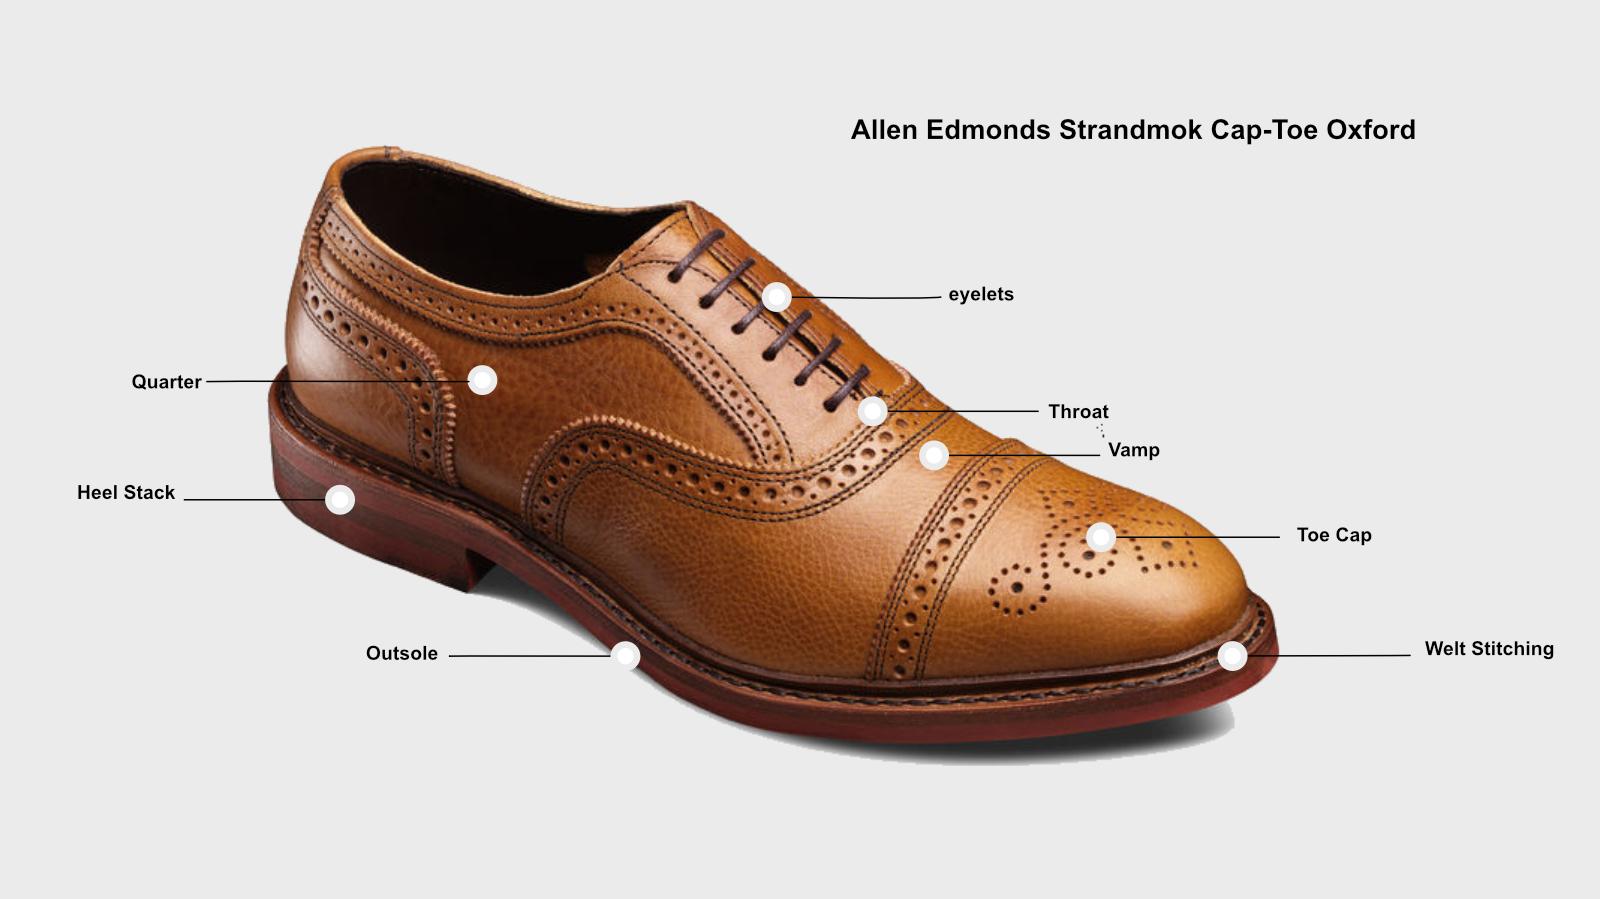 Anatomy of a Men's Dress Shoe